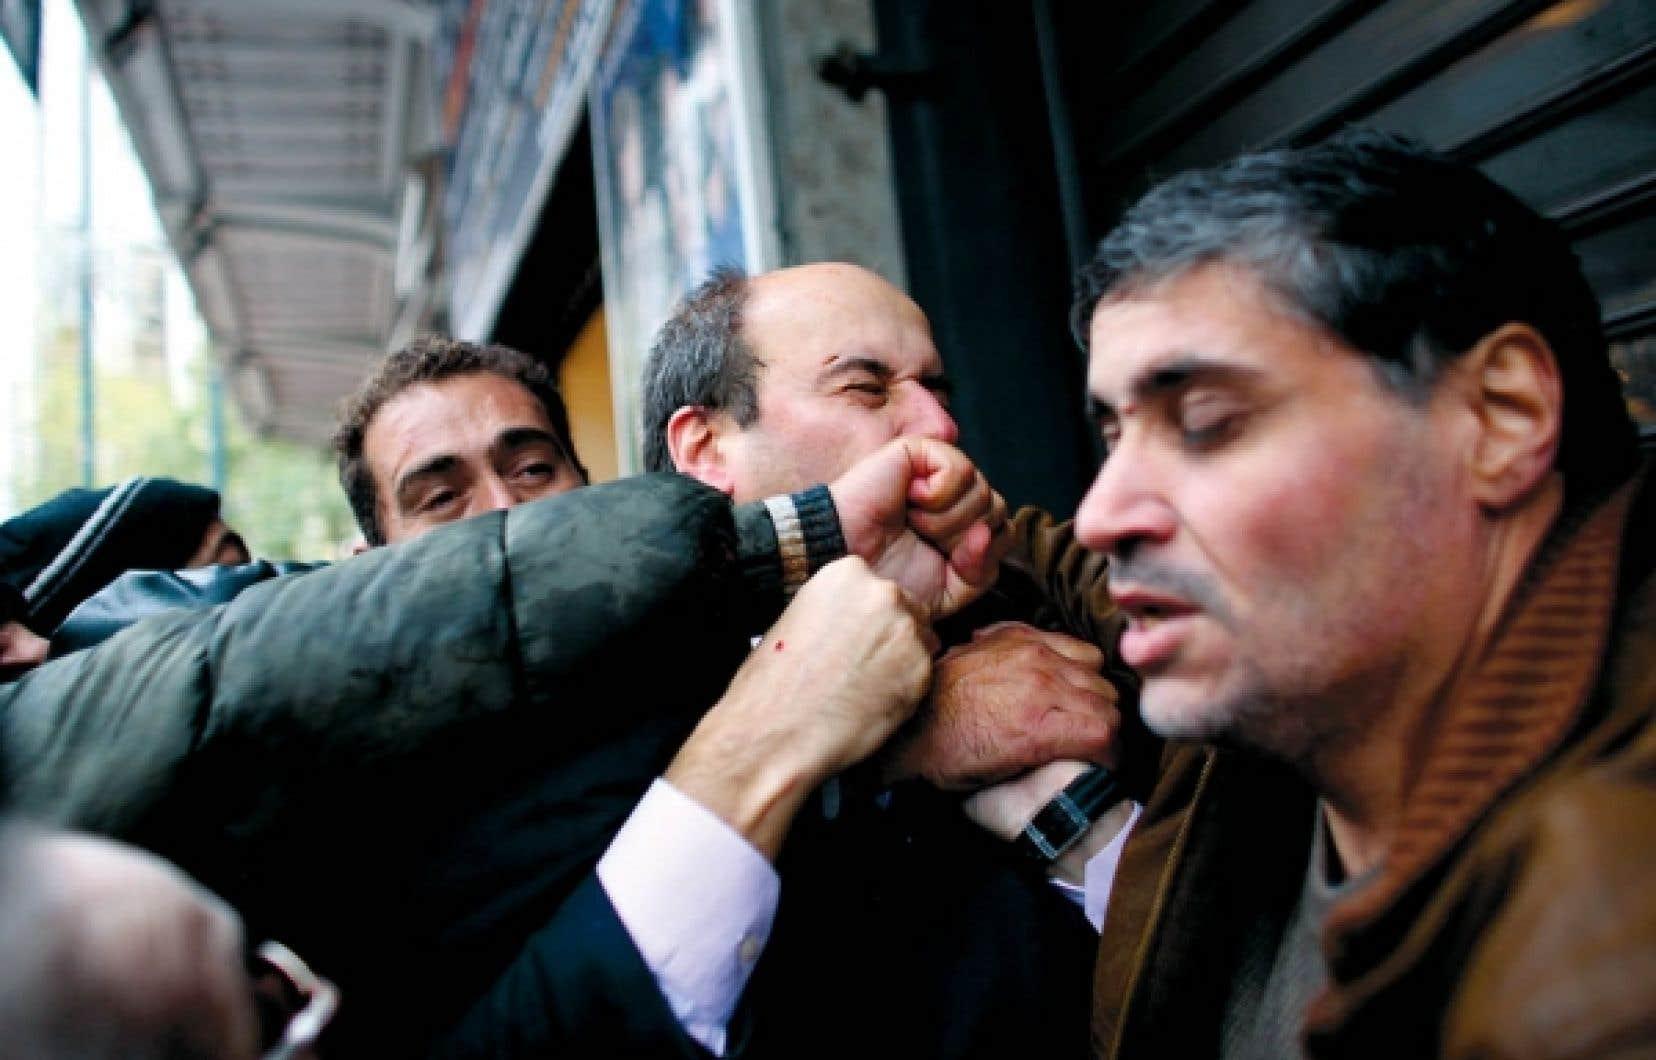 Un député a été molesté par la foule hier en Grèce, où des manifestations émaillées d'incidents assez violents ont rassemblé des dizaines de milliers de personnes contre les réductions de salaire et les nouvelles mesures d'austérité prévues en 2011. Costis Hadzidakis, député et ex-ministre de droite, a été battu avant d'être mis à l'abri par les forces de l'ordre. <br />